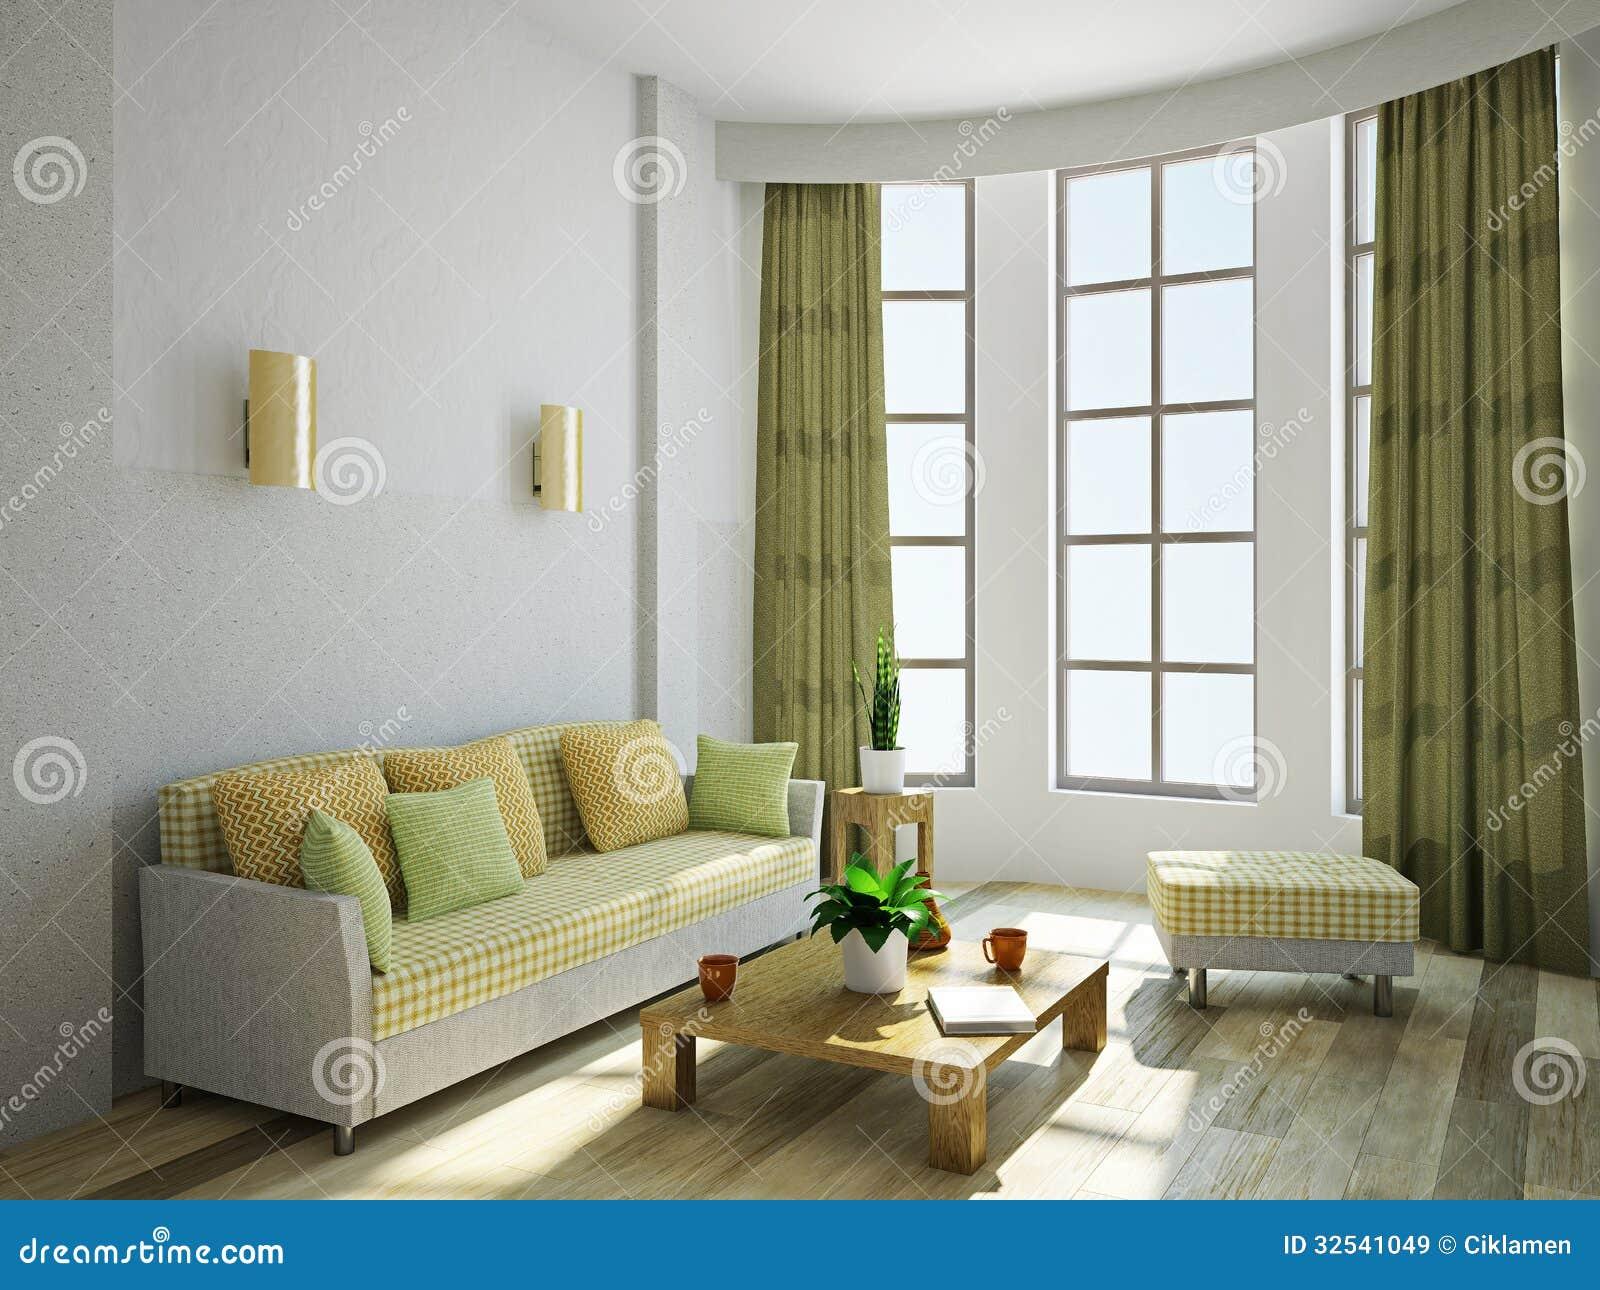 Sala de estar con muebles im genes de archivo libres de - Muebles sala estar ...